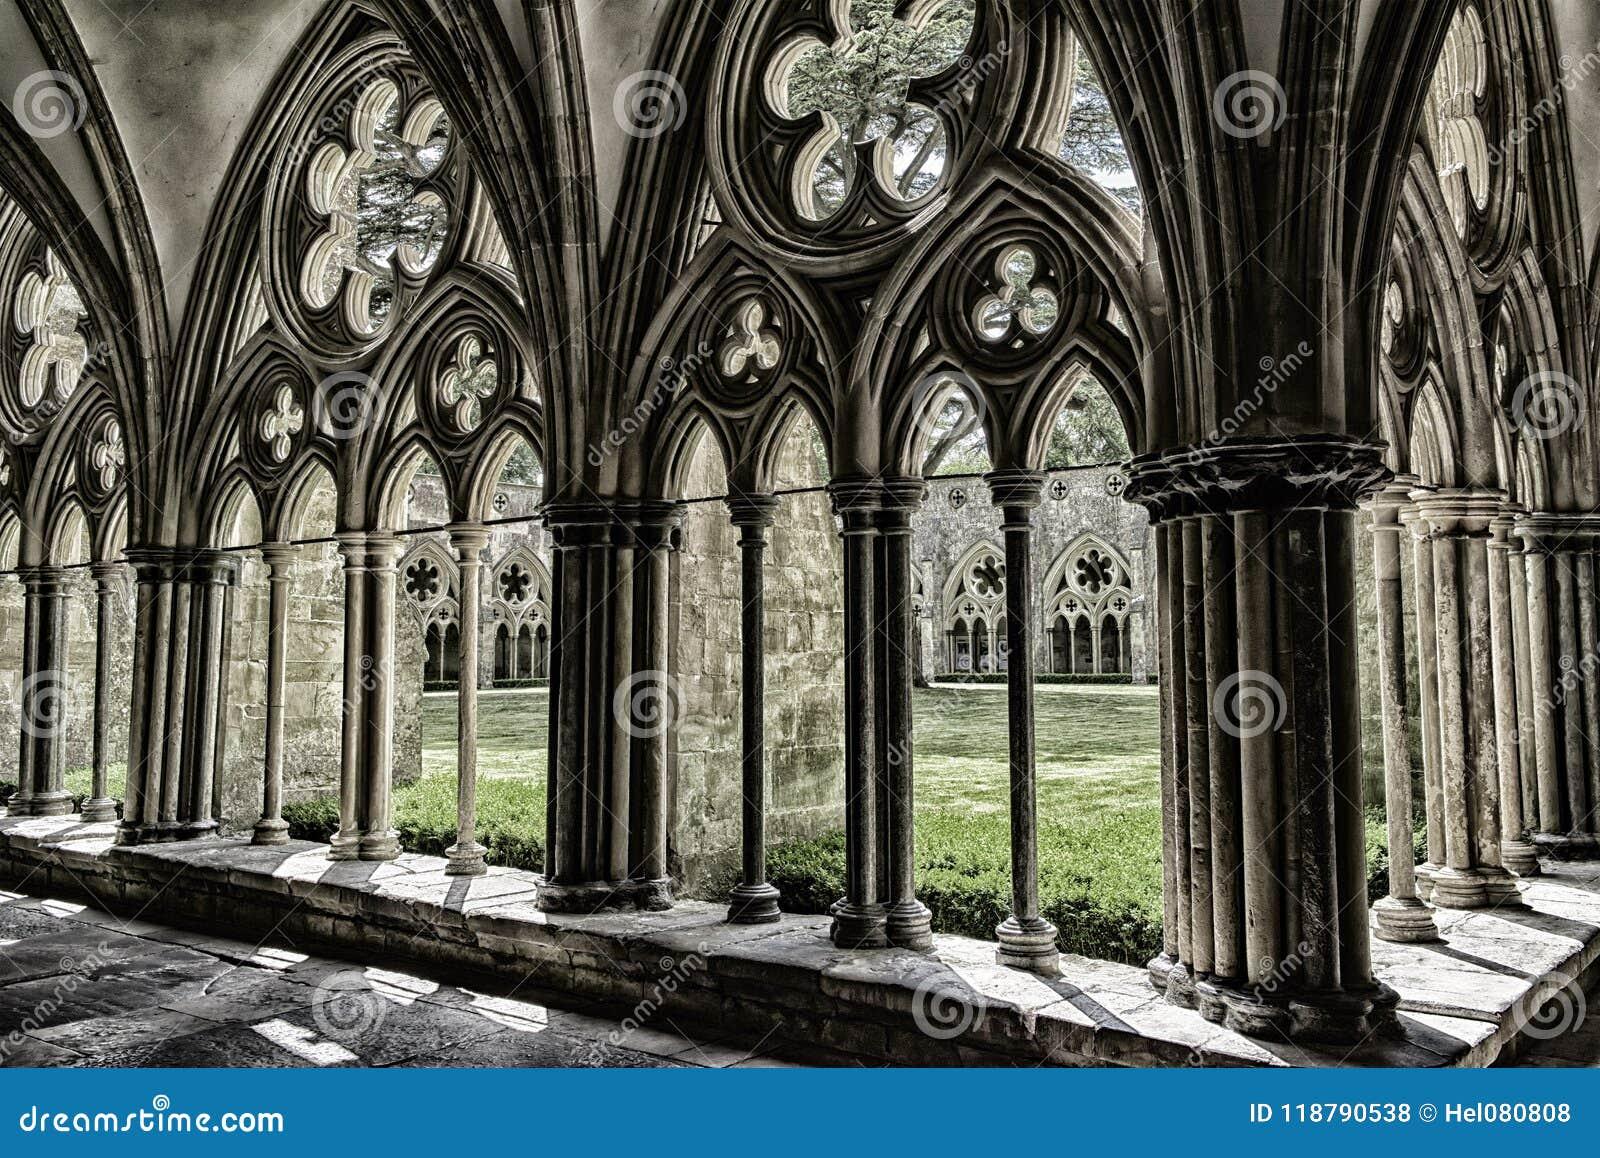 Cathédrale de Salisbury, modèle géométrique agnificent de l art médiéval